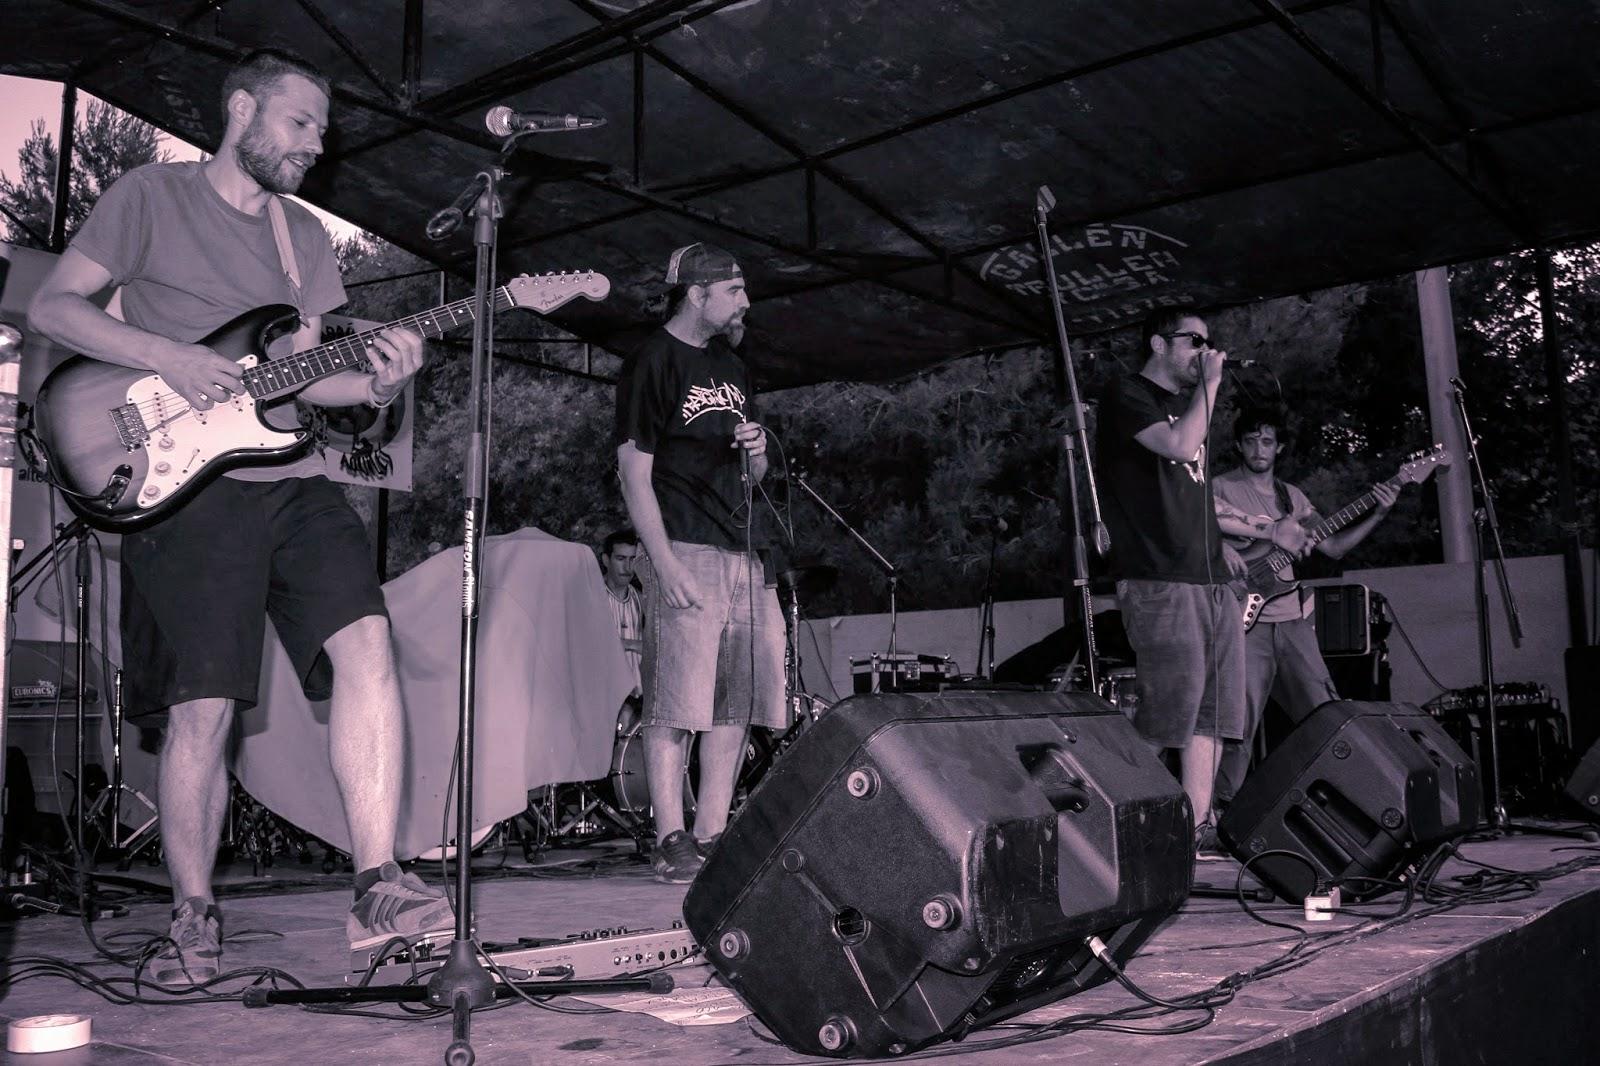 Rapgenoma foto promo 2014